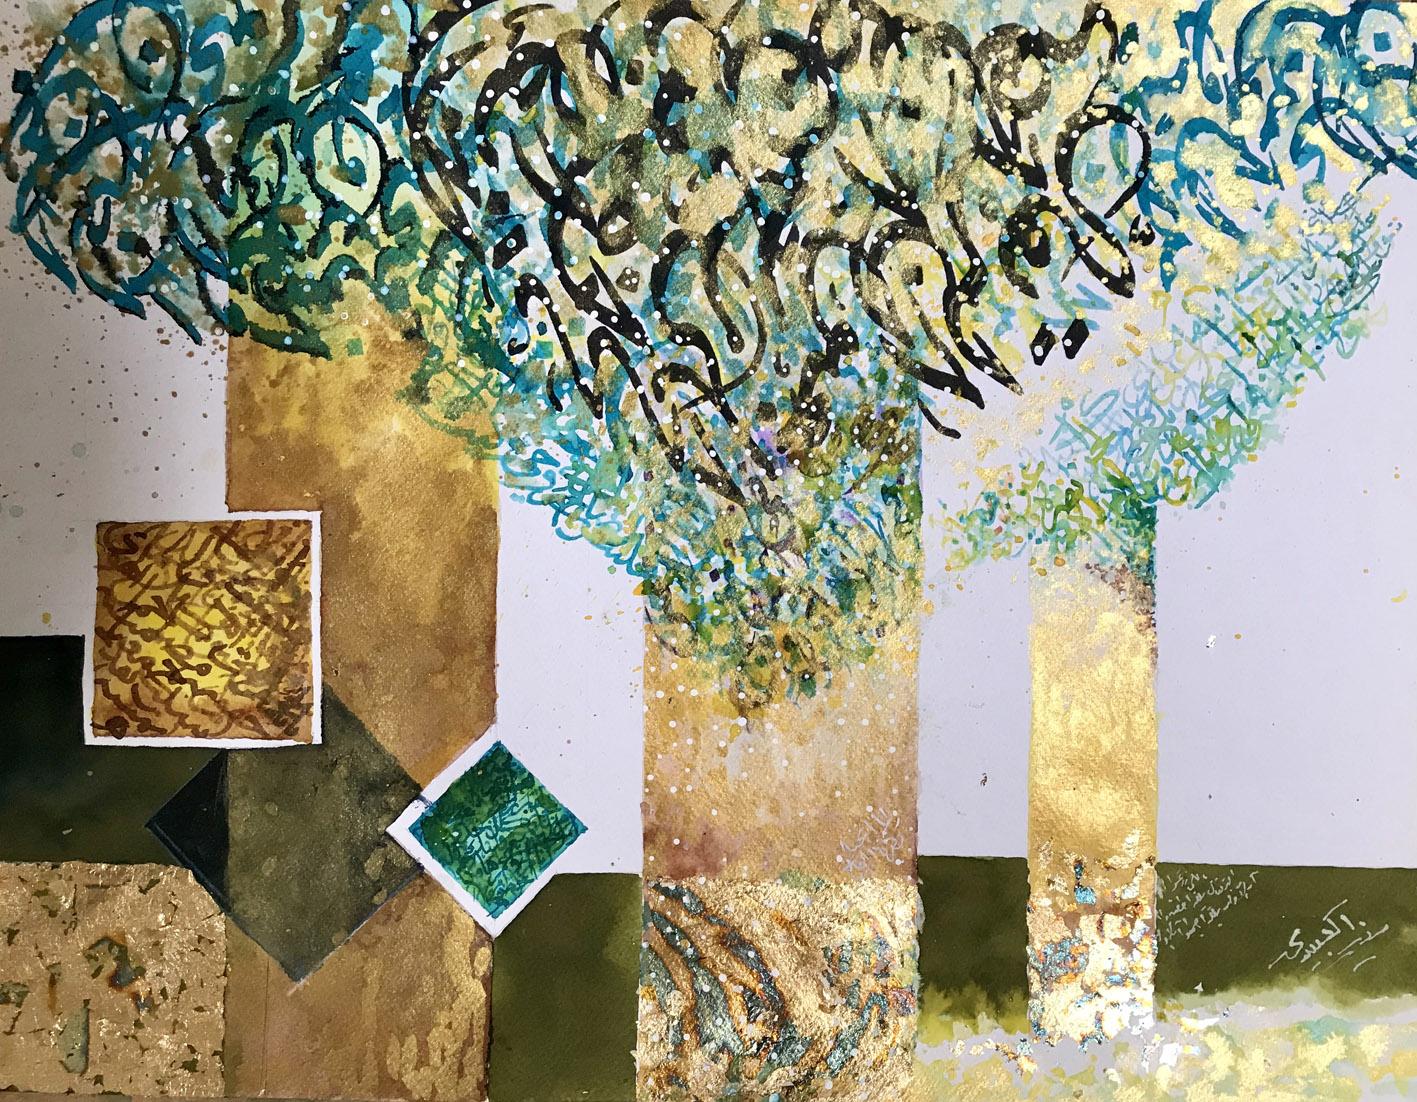 """Munir Alubaidi, """"Baum der Wörter"""", 2019, Tusche, goldene Klebefolie auf Papier, 35 x 45 cm"""